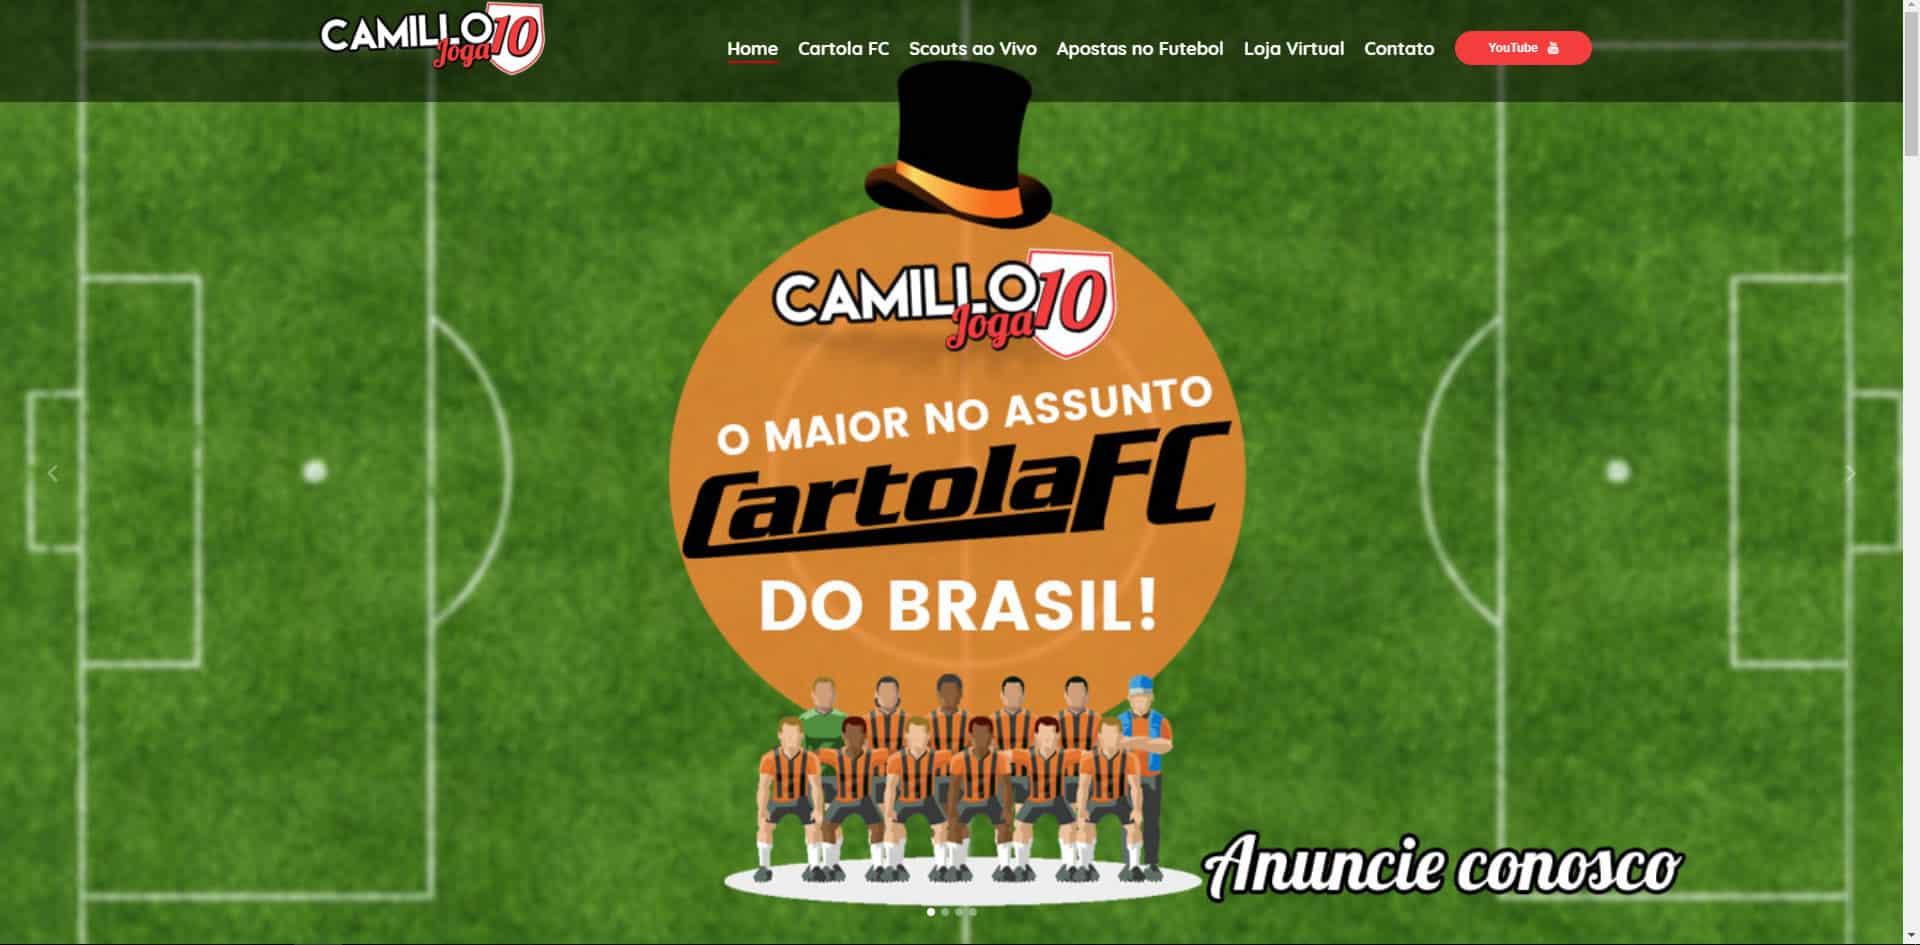 Camilo Joga 10